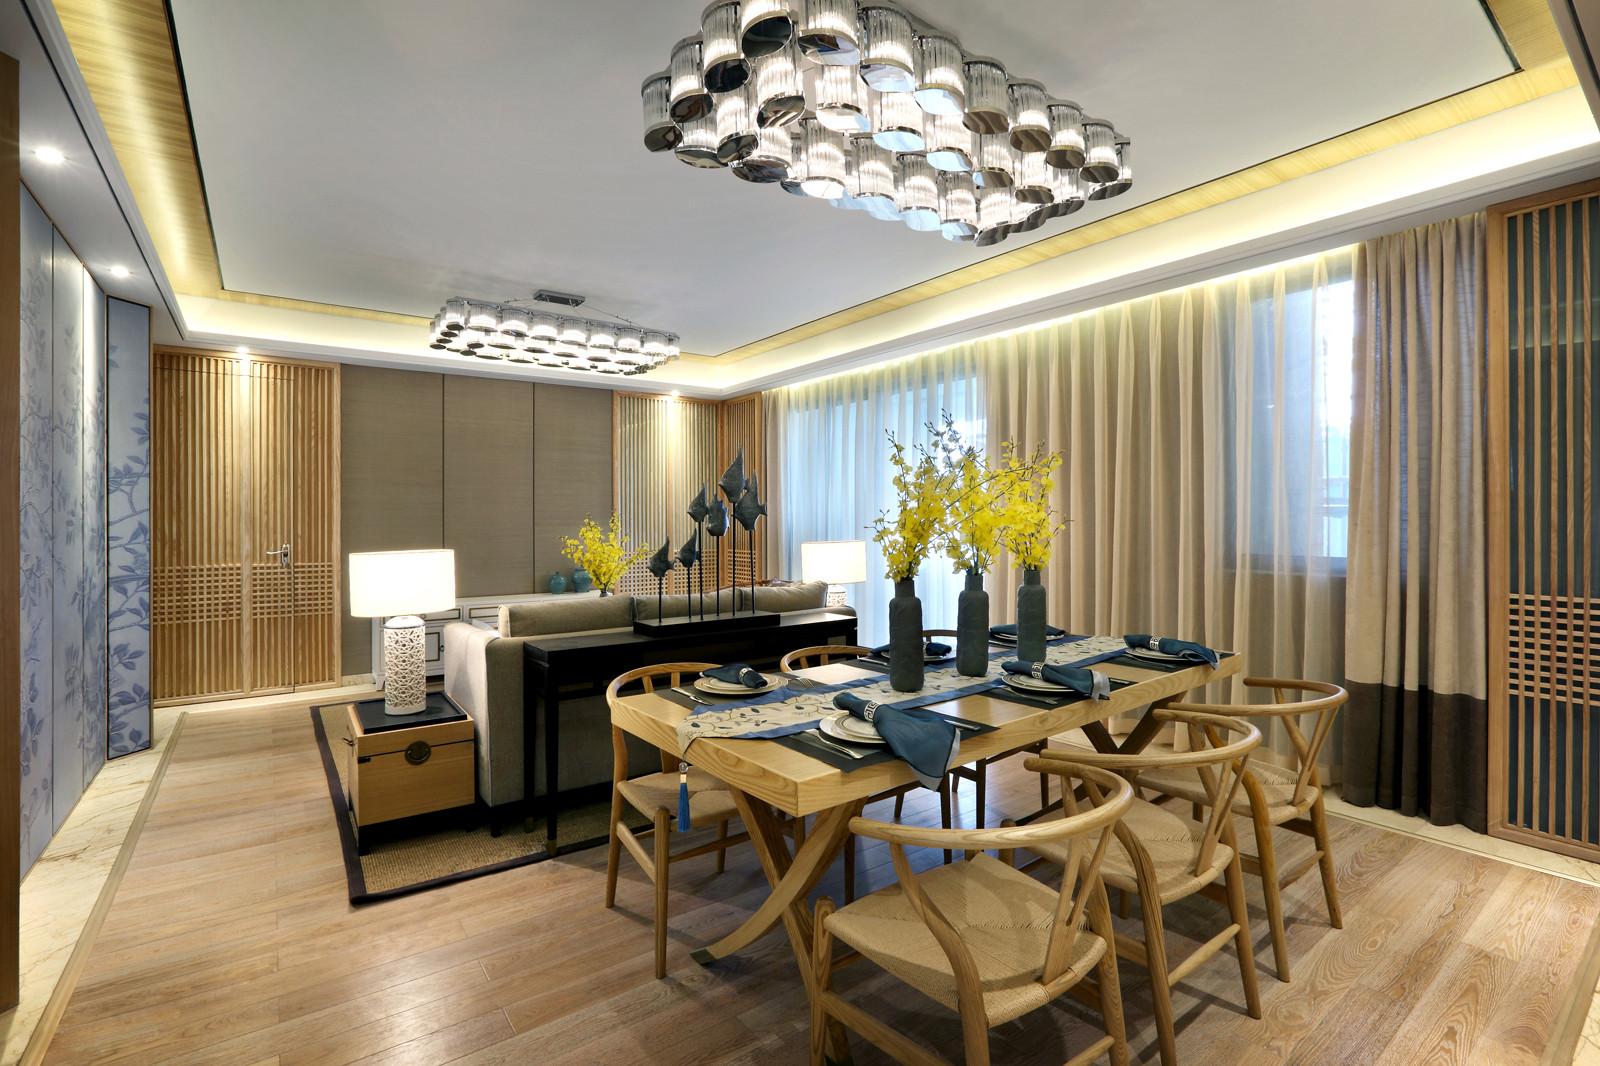 新中式样板房装修餐厅效果图